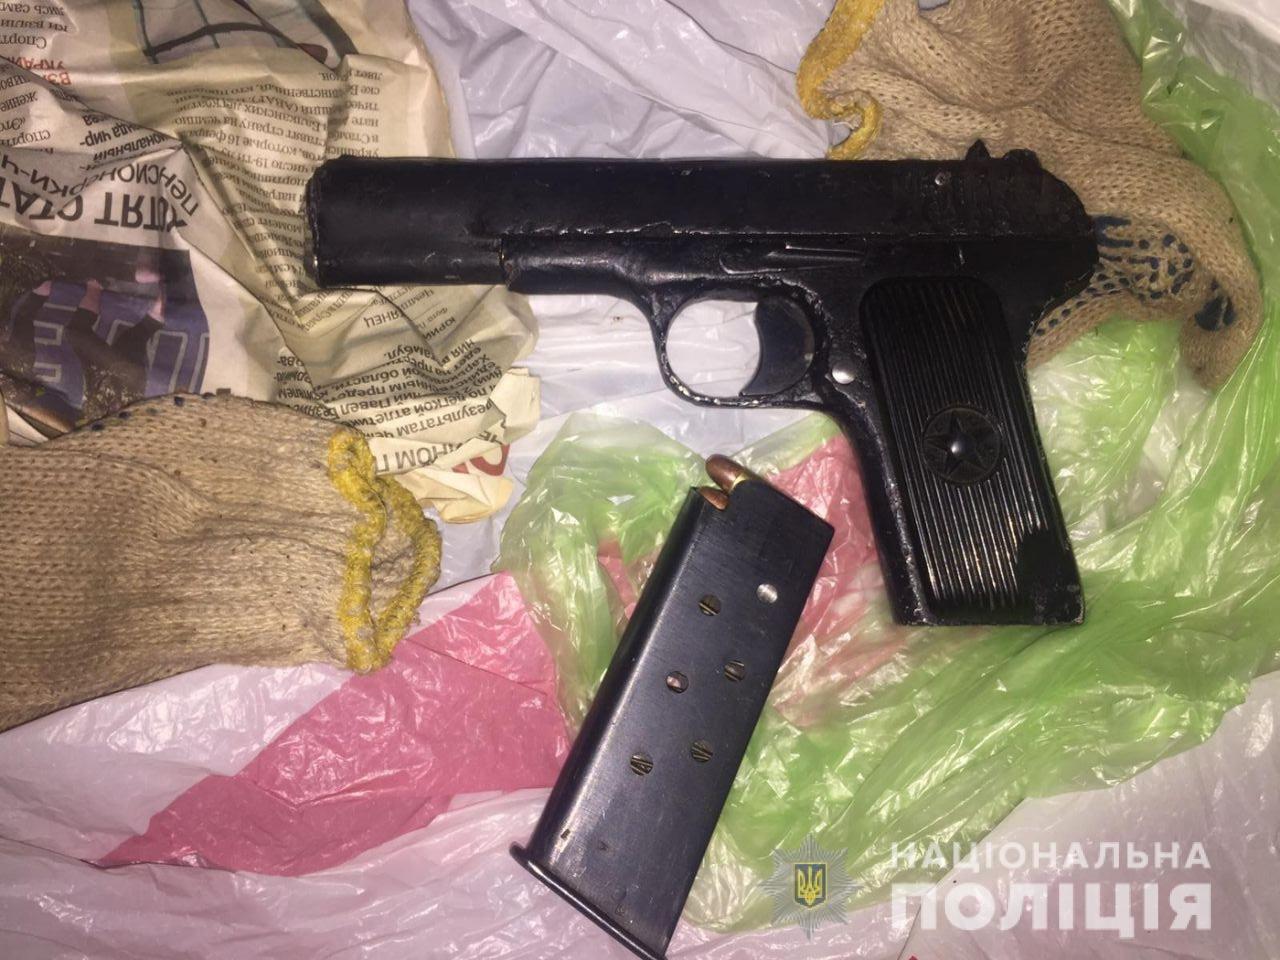 Пистолет и патроны: в Харькове полиция и СБУ разоблачили торговца оружием, - ФОТО, фото-2